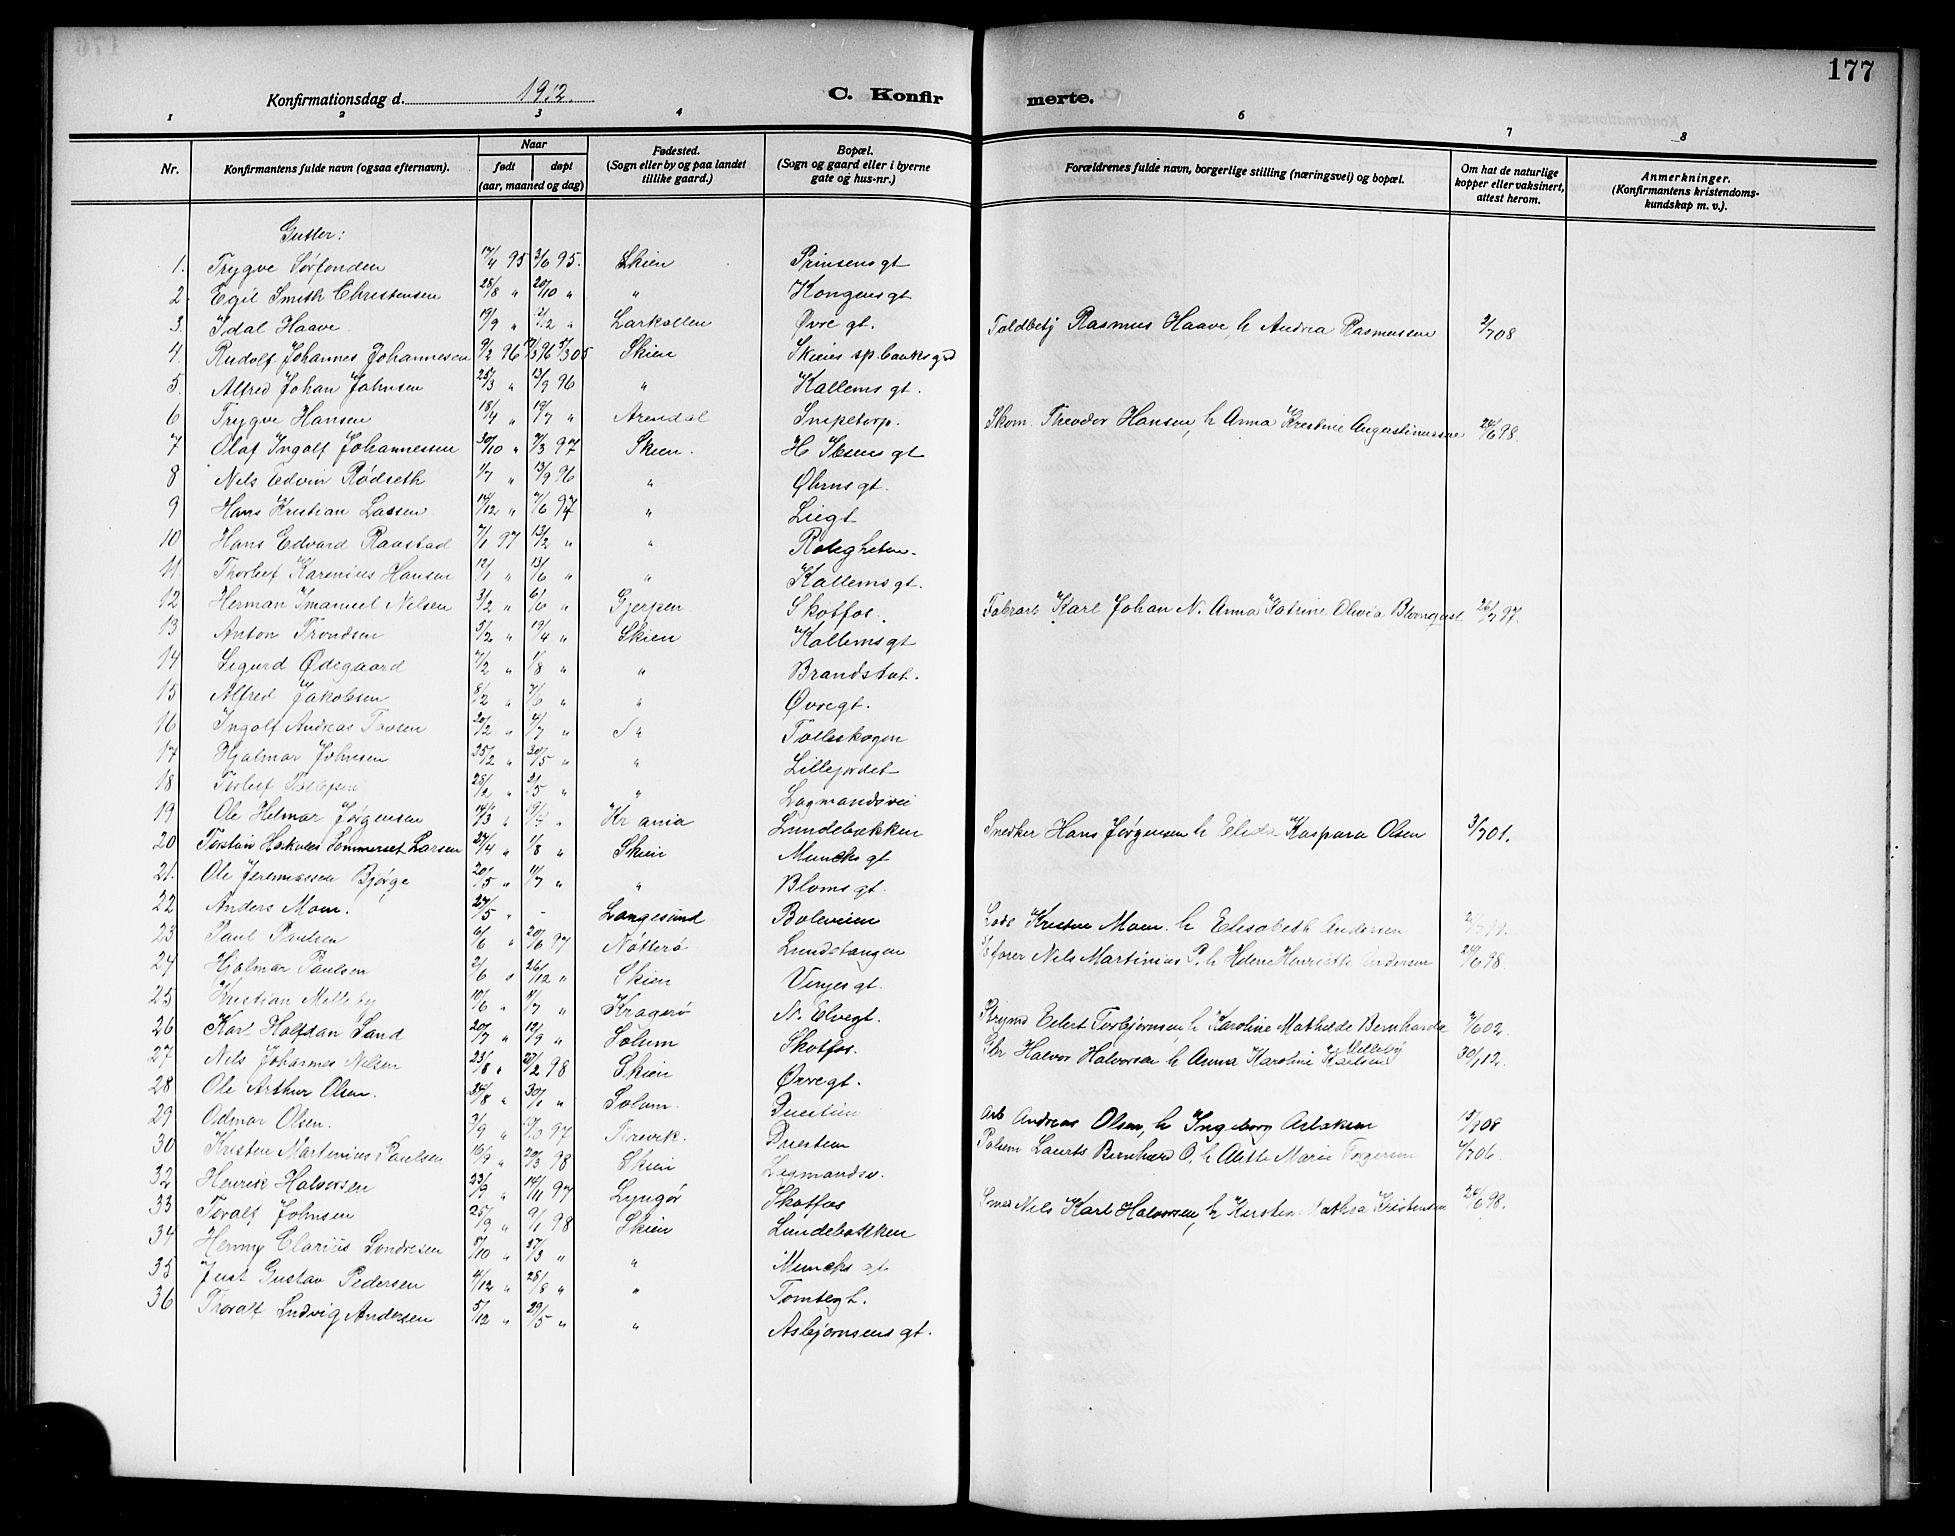 SAKO, Skien kirkebøker, G/Ga/L0009: Klokkerbok nr. 9, 1910-1920, s. 177